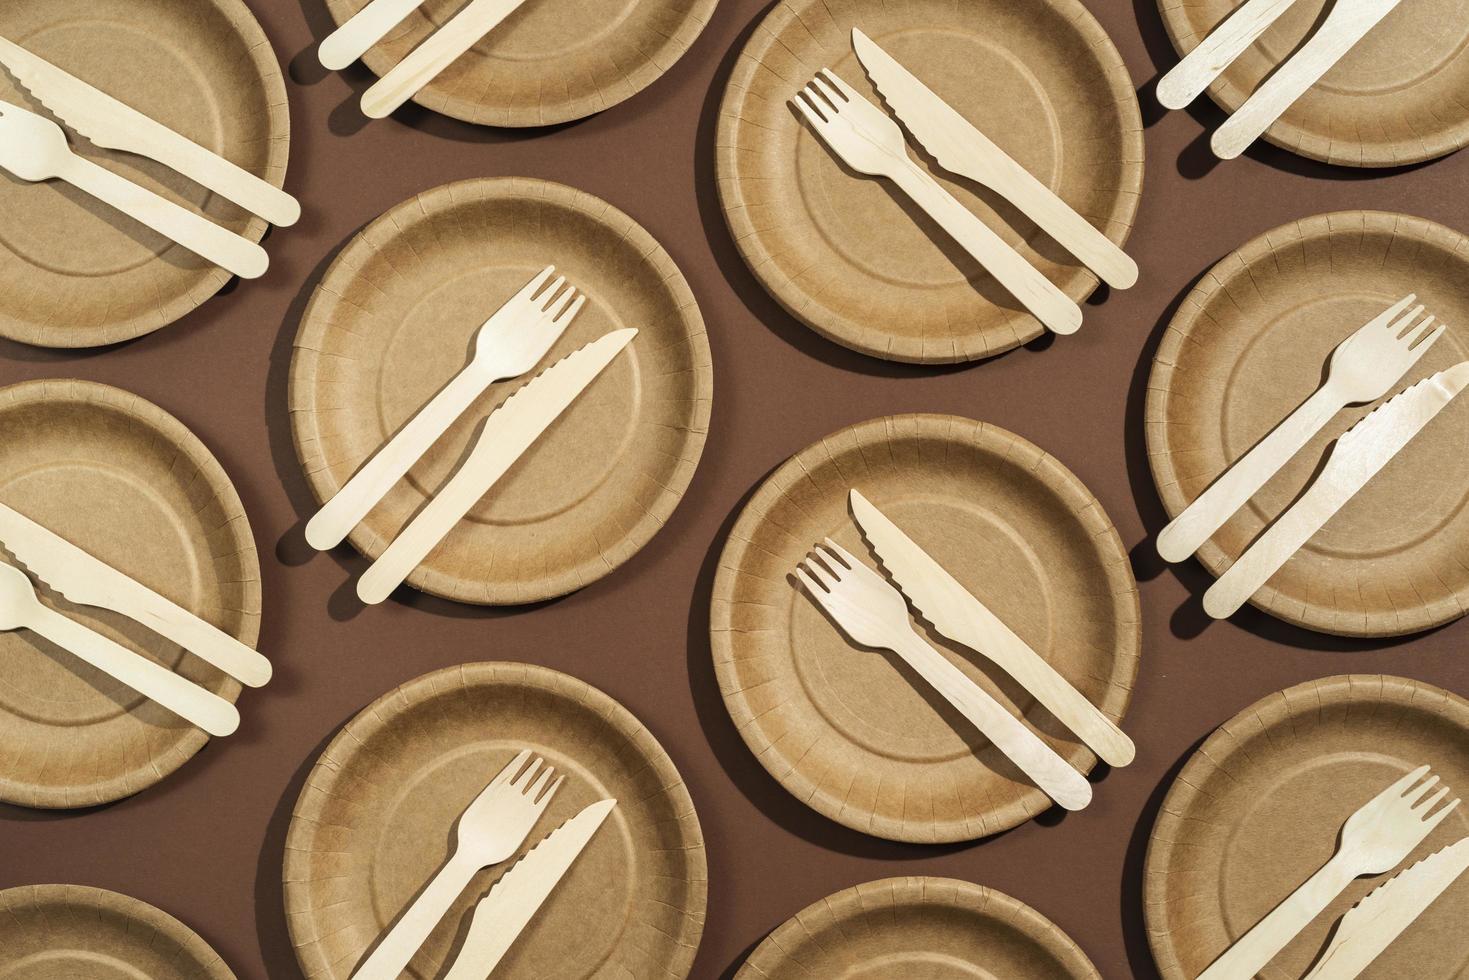 disposizione piatta di piatti e utensili usa e getta foto